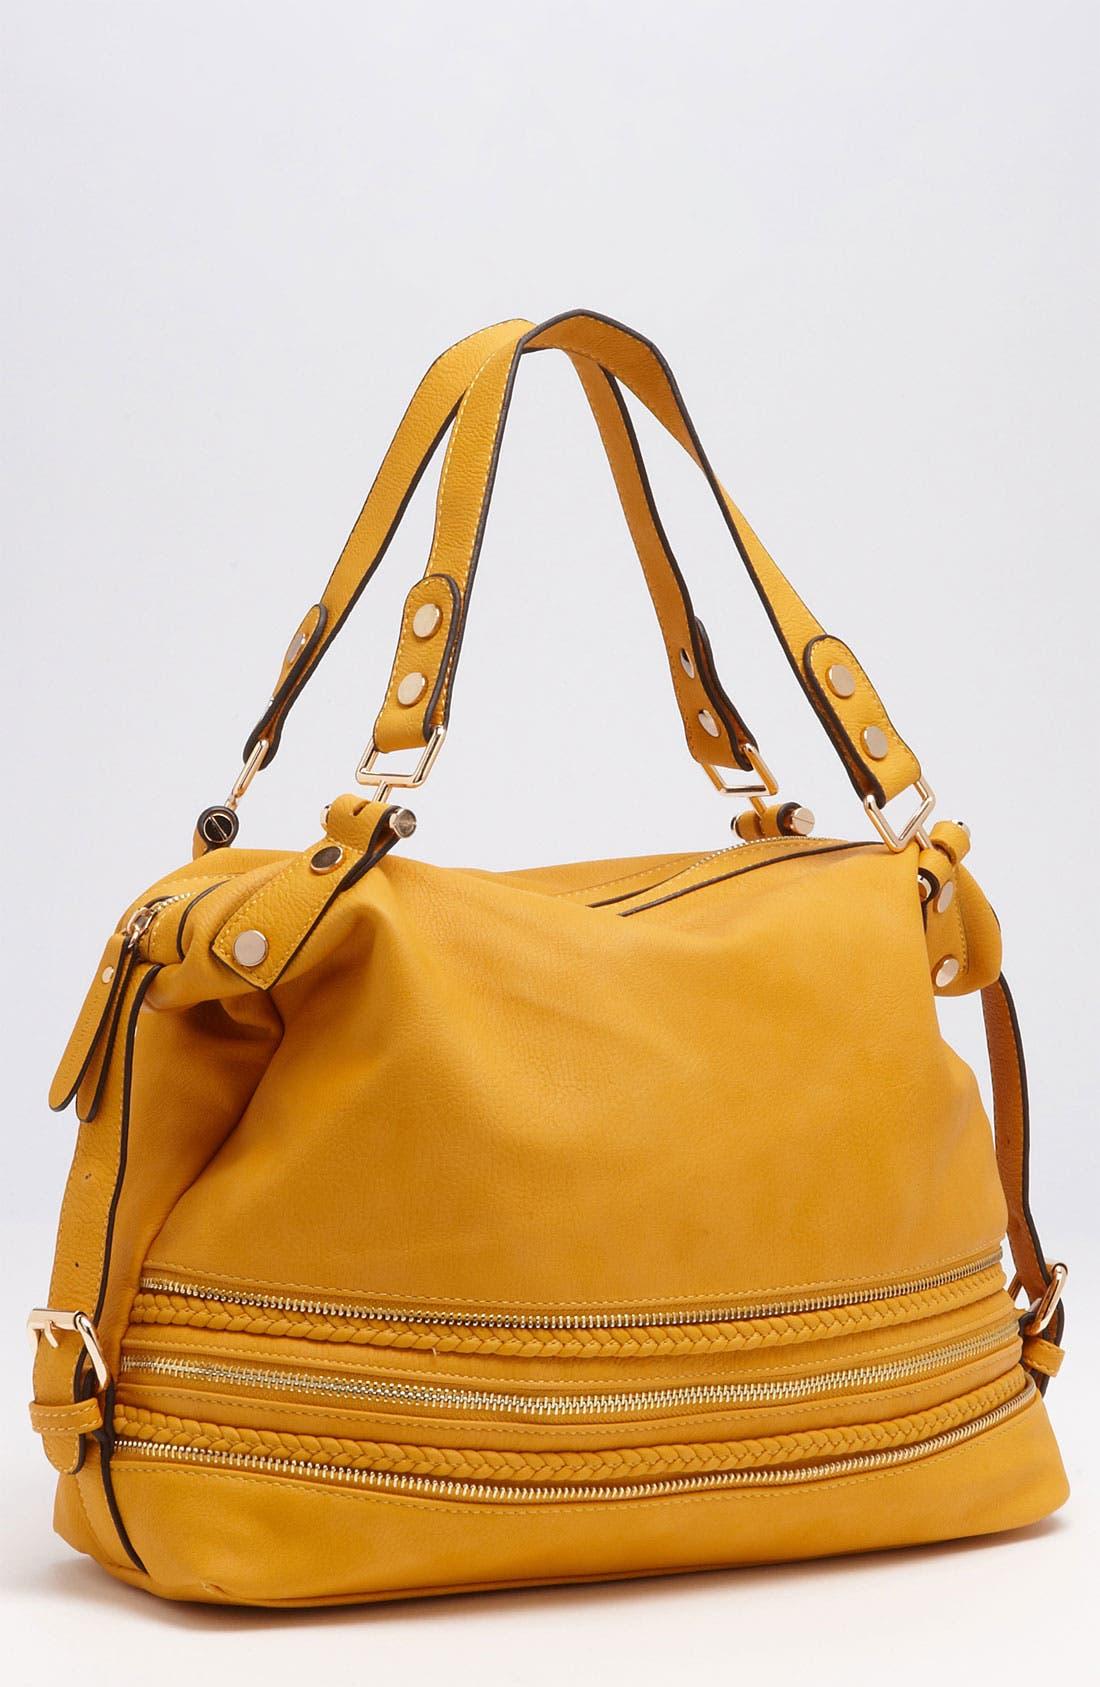 Alternate Image 1 Selected - Melie Bianco 'Louisa' Shoulder Bag